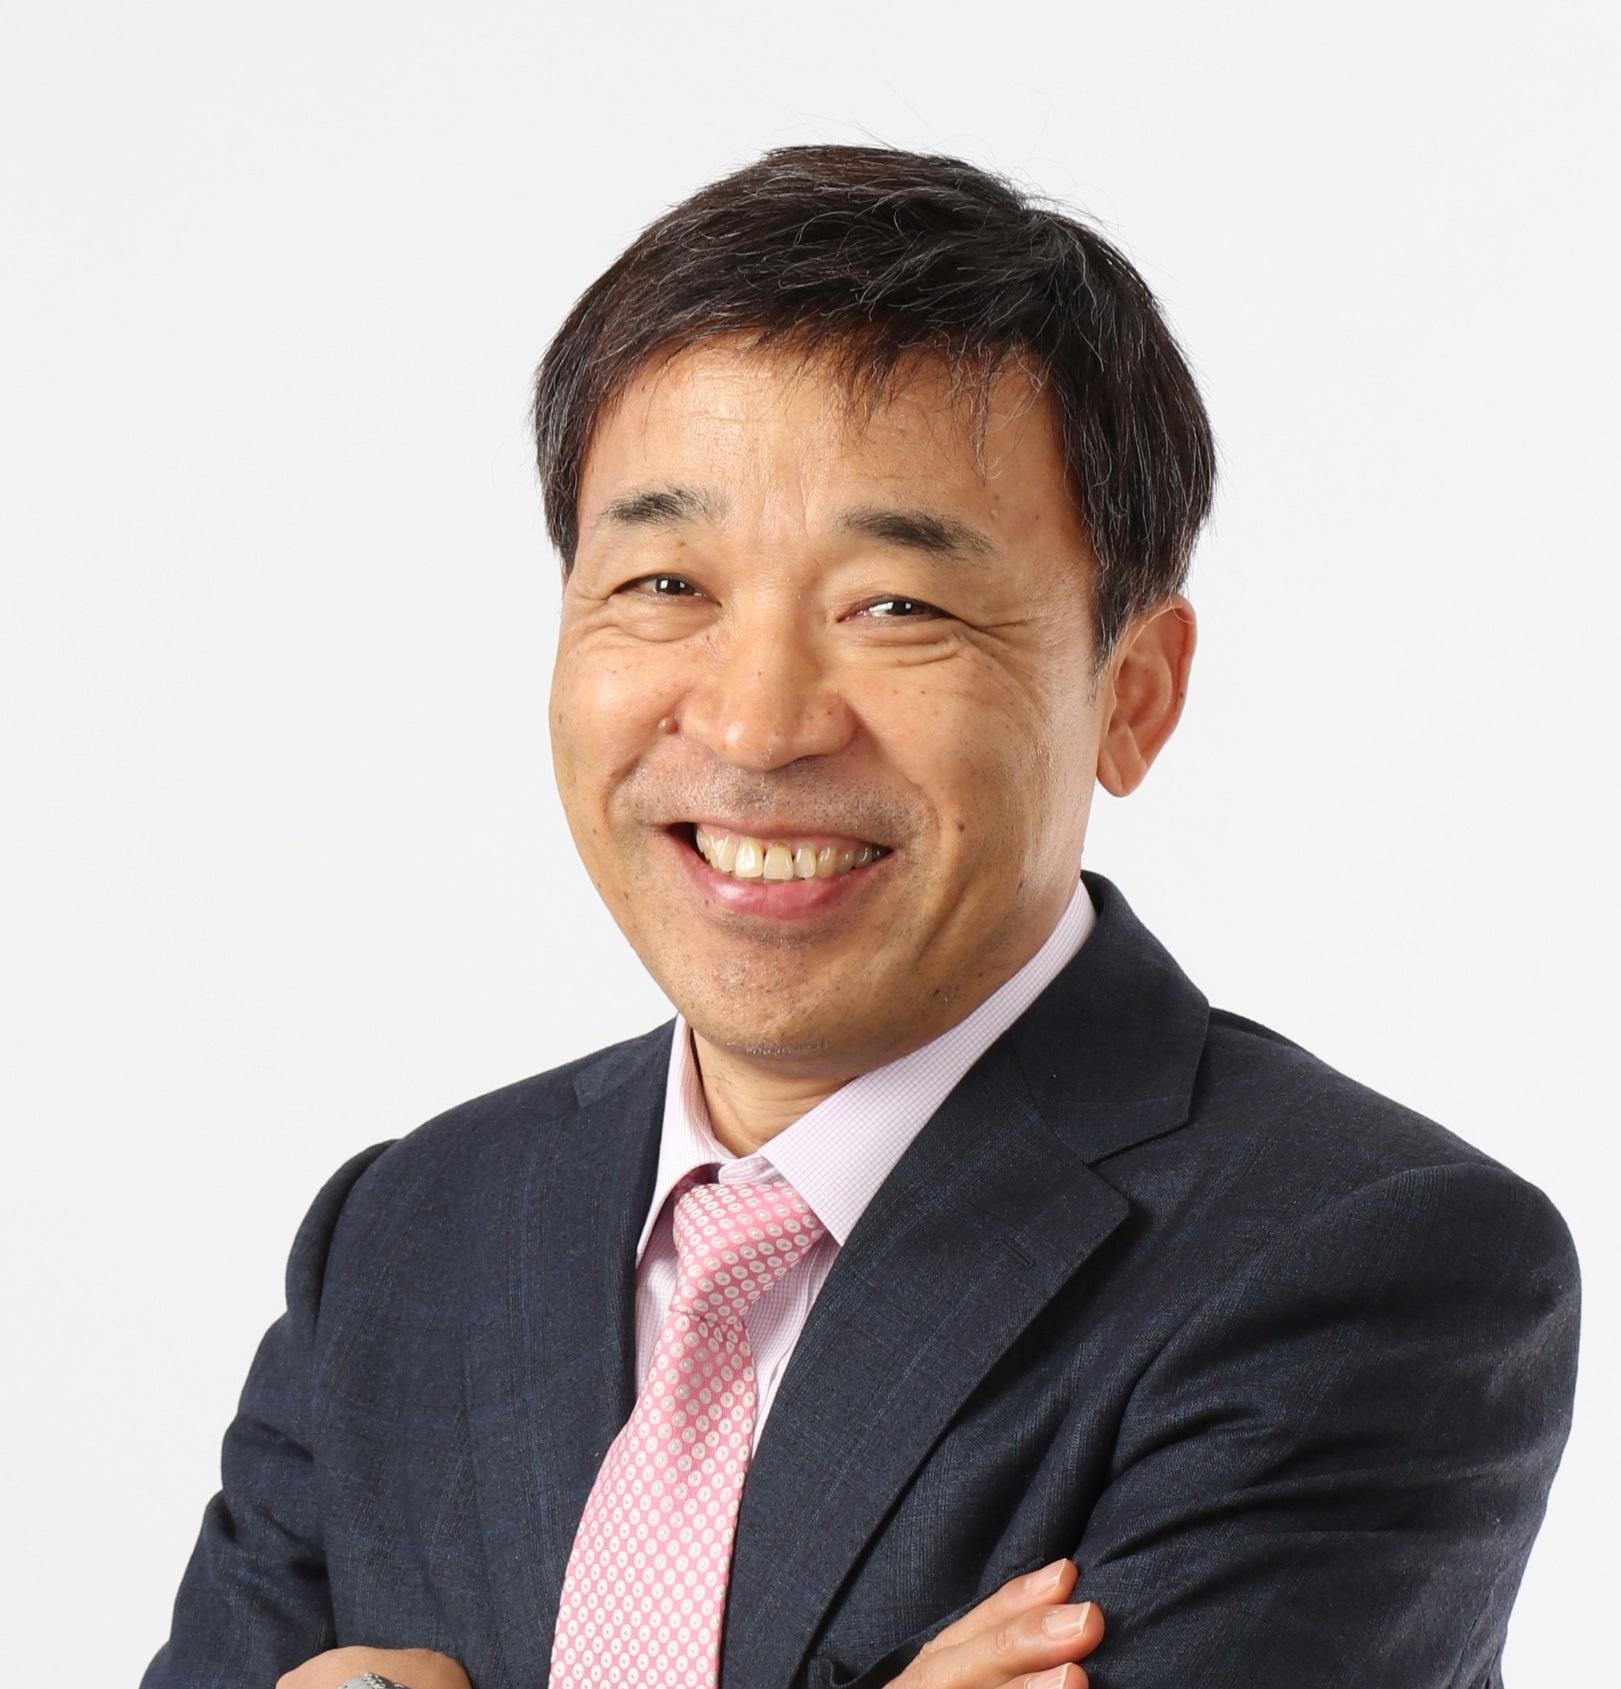 김은기 교수 사진